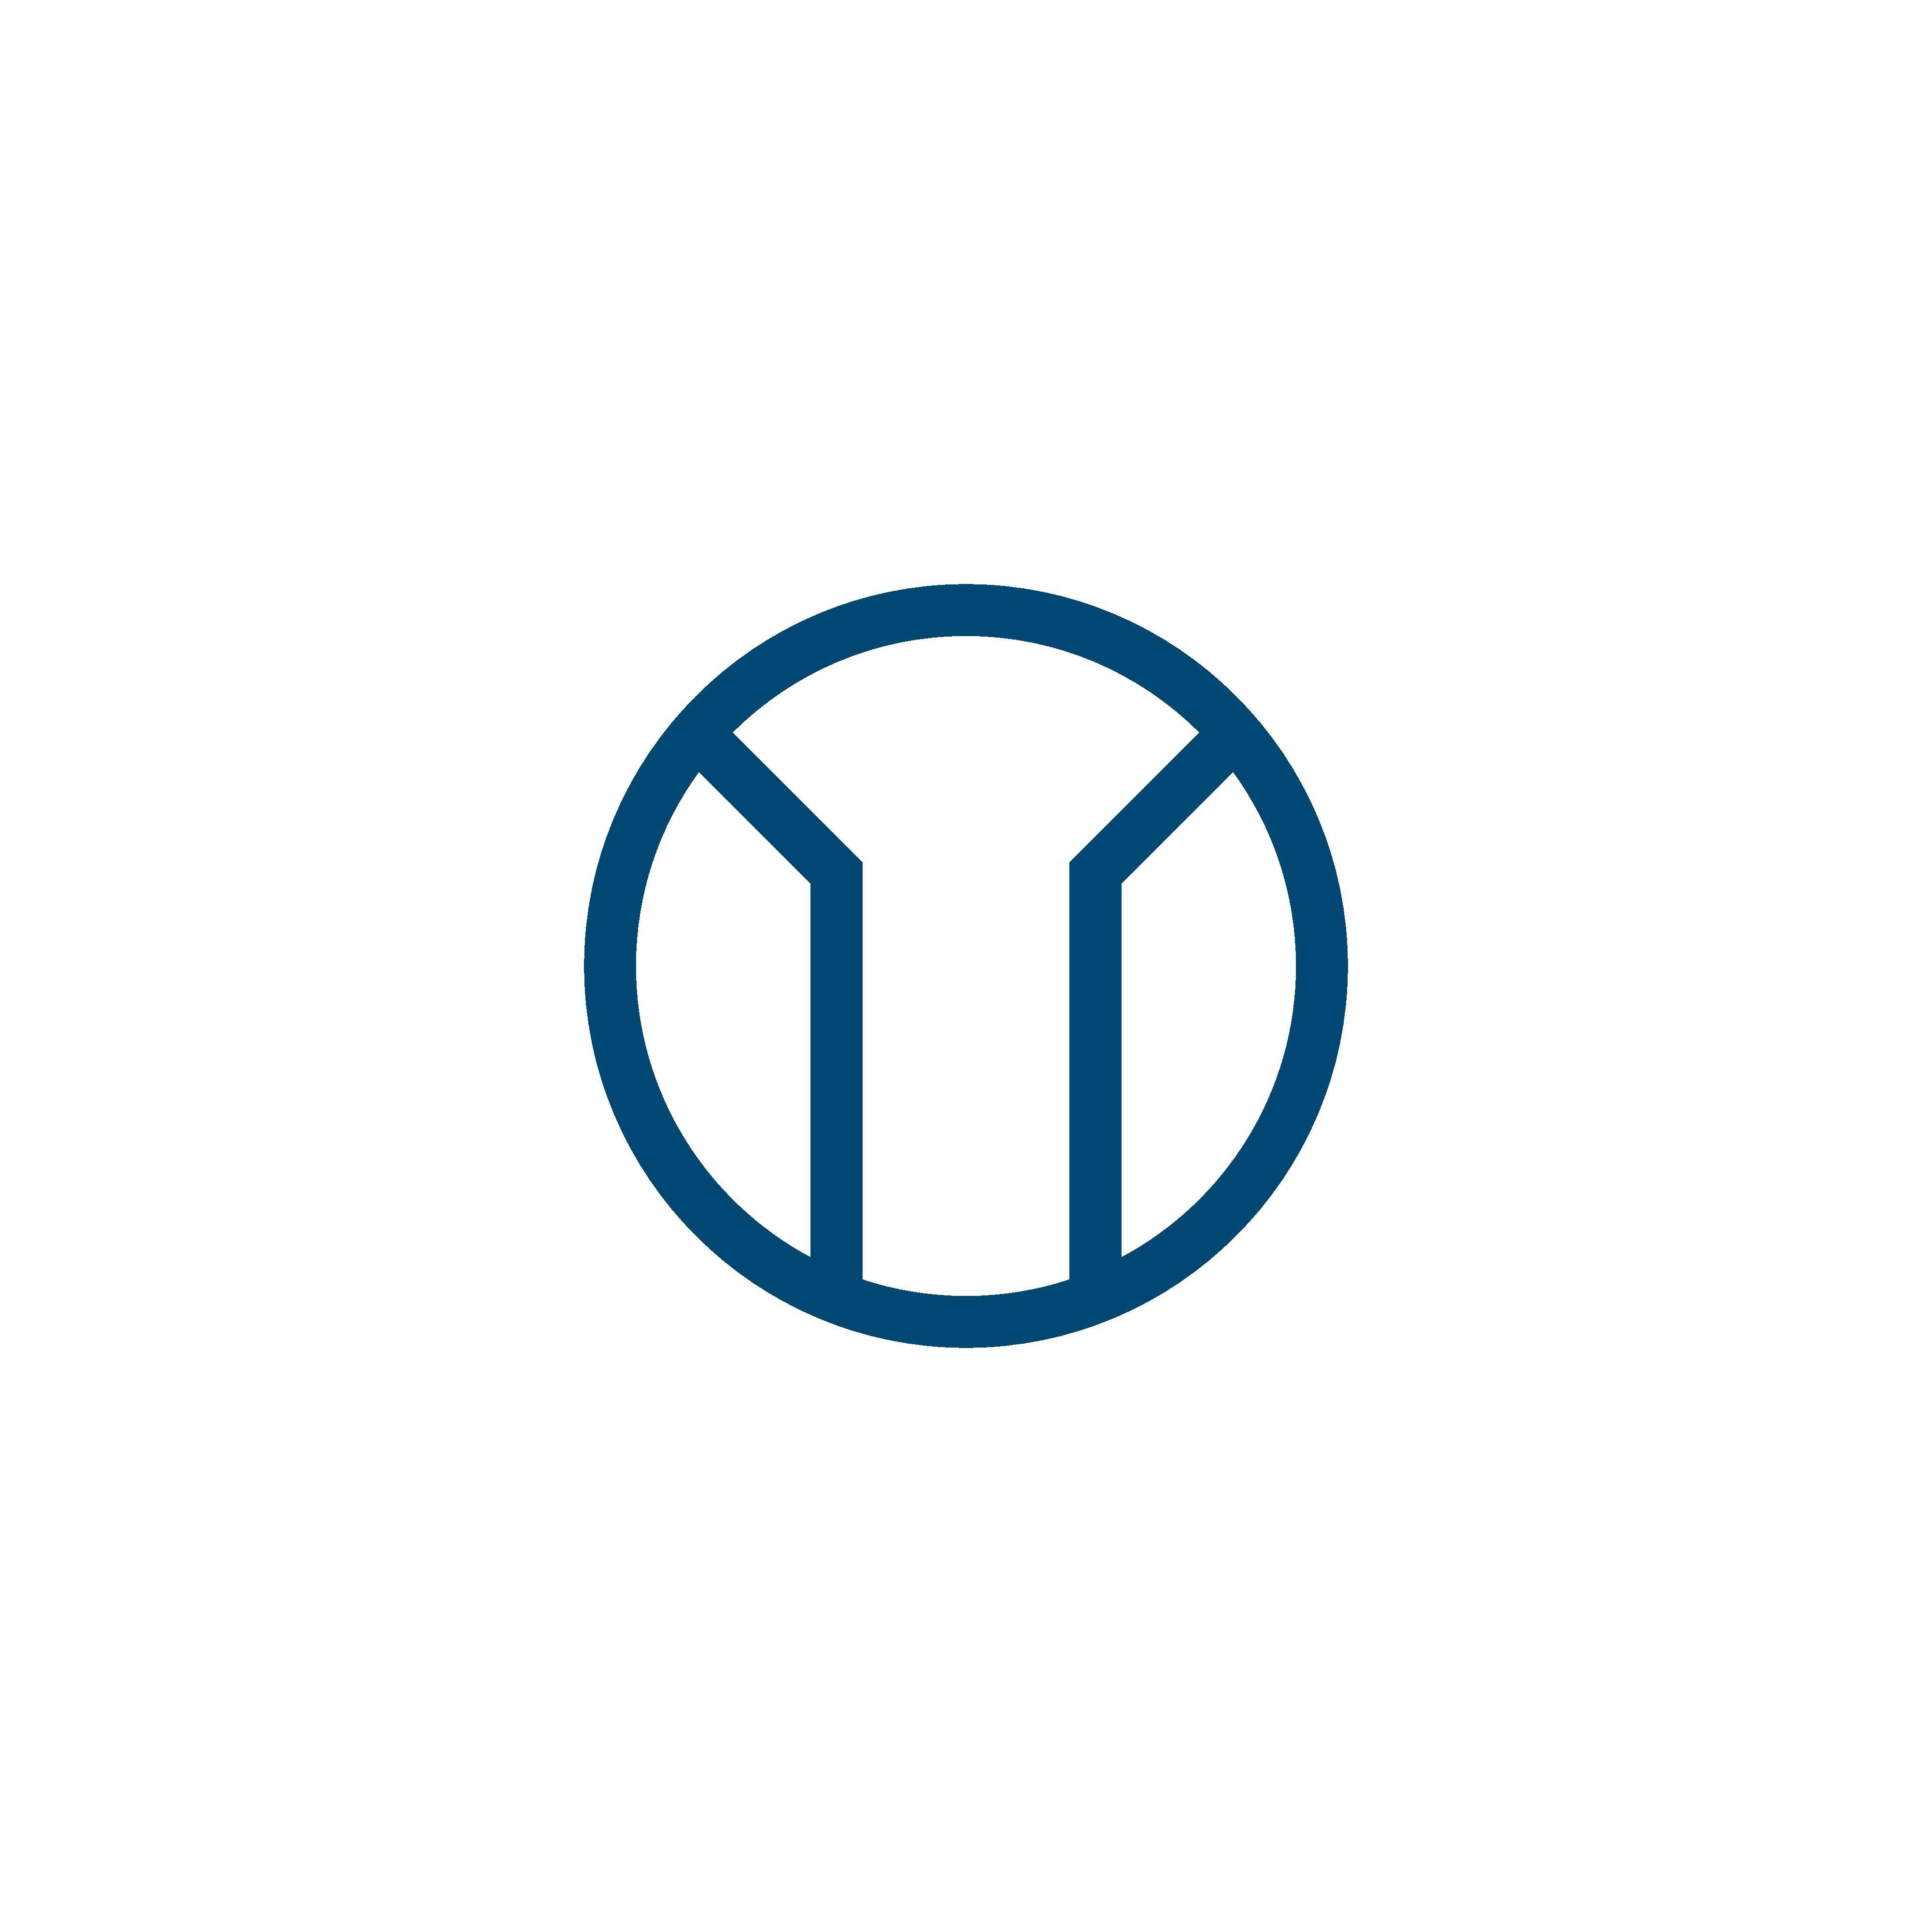 4000x4000 M Letter Logo Vector. Tm Letter Logo Vector. Circle Logo Logo